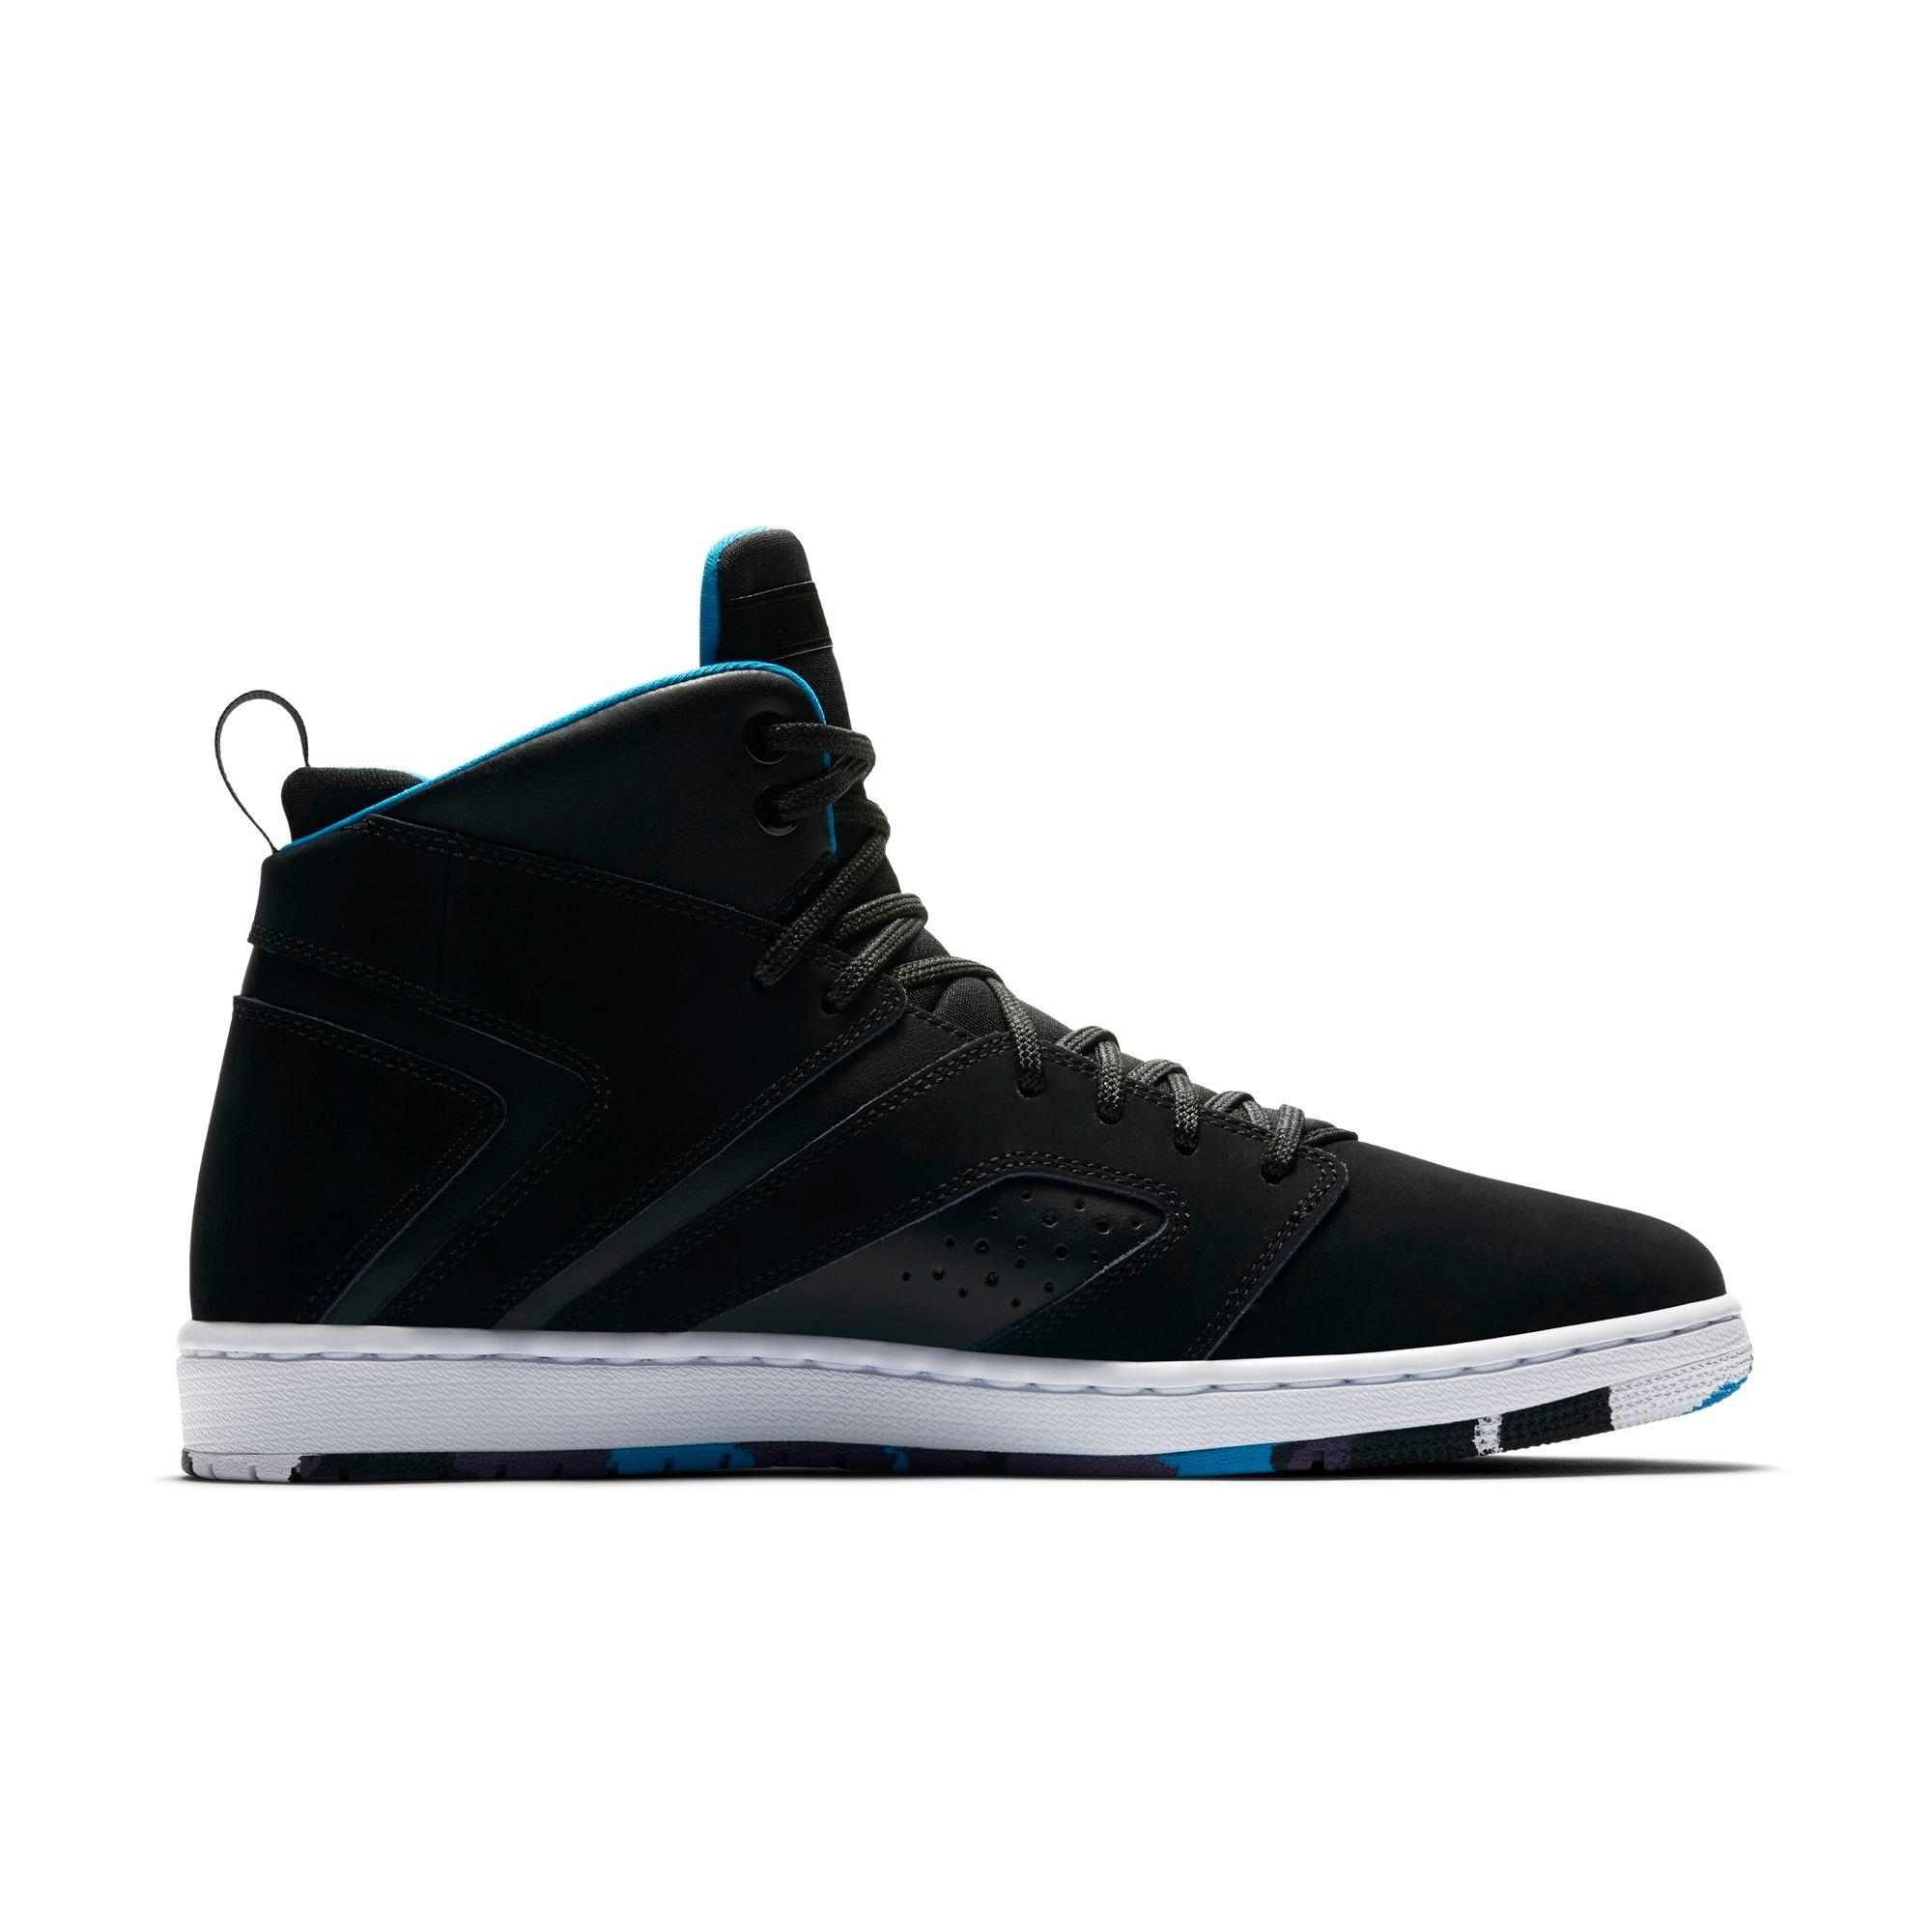 knock off jordans shoes nz